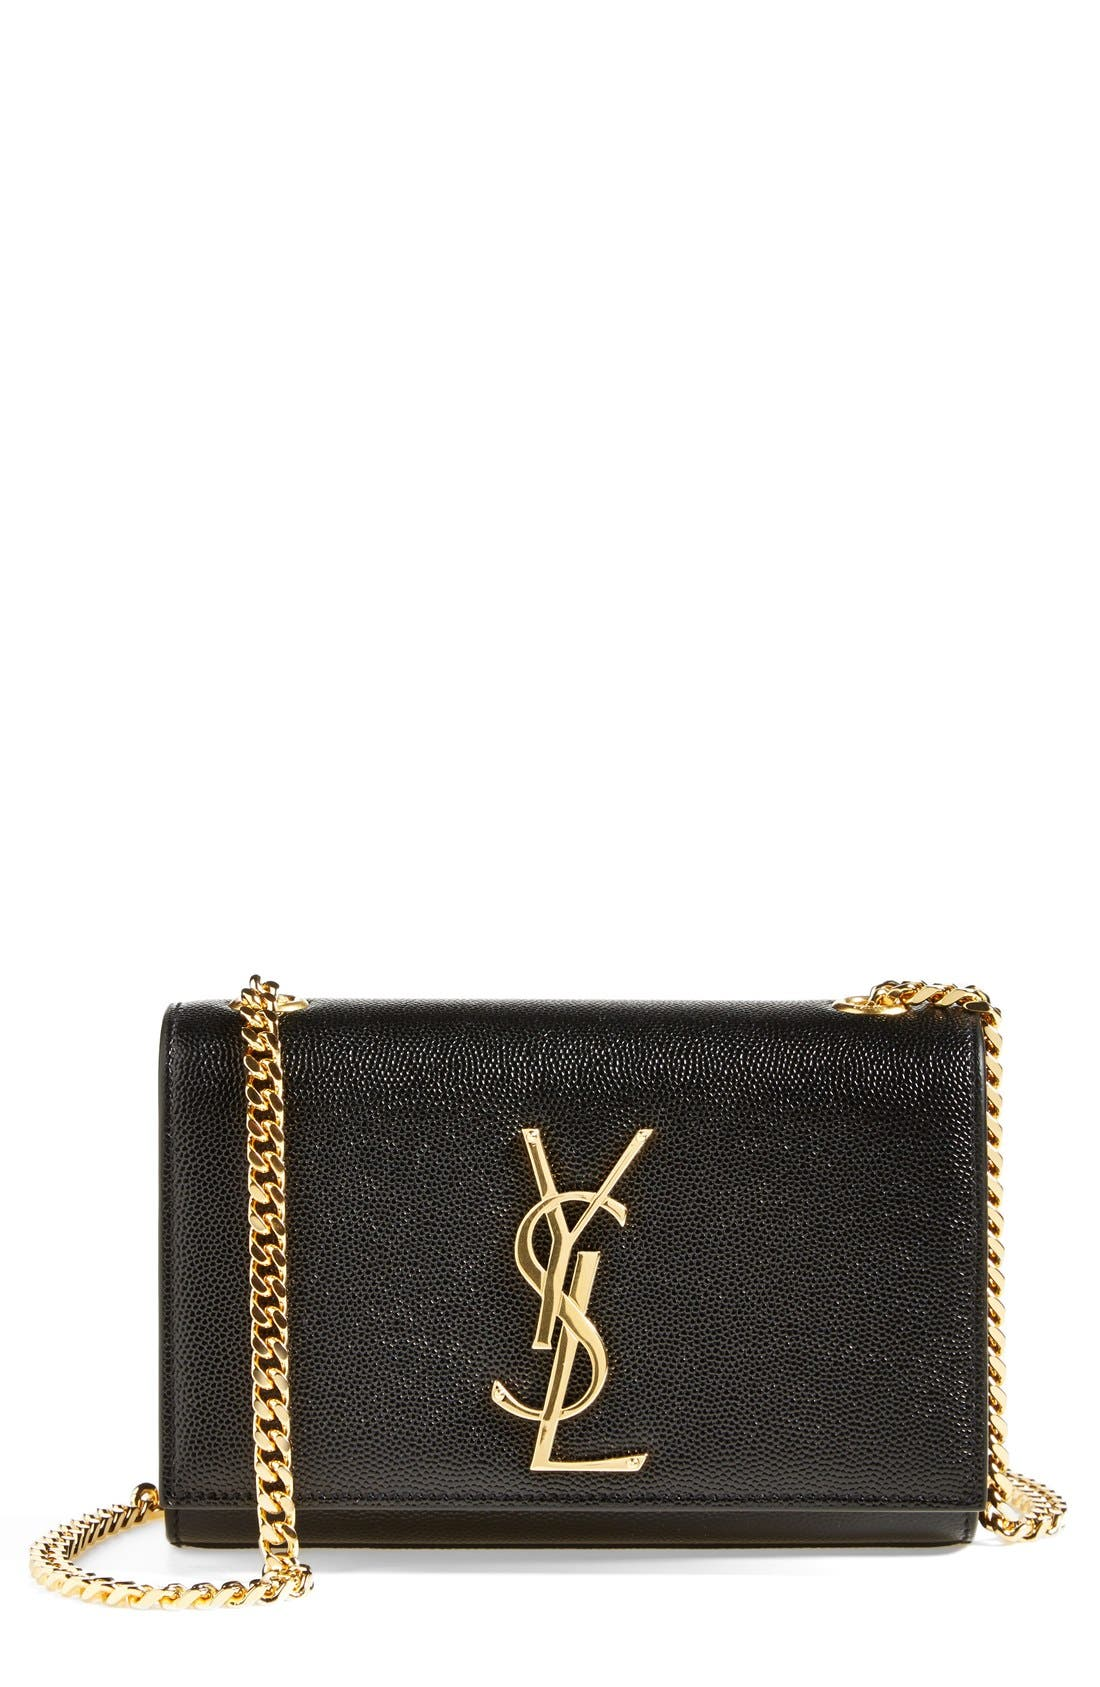 794bd9ee3ca1 Saint Laurent Women s Handbags   Purses